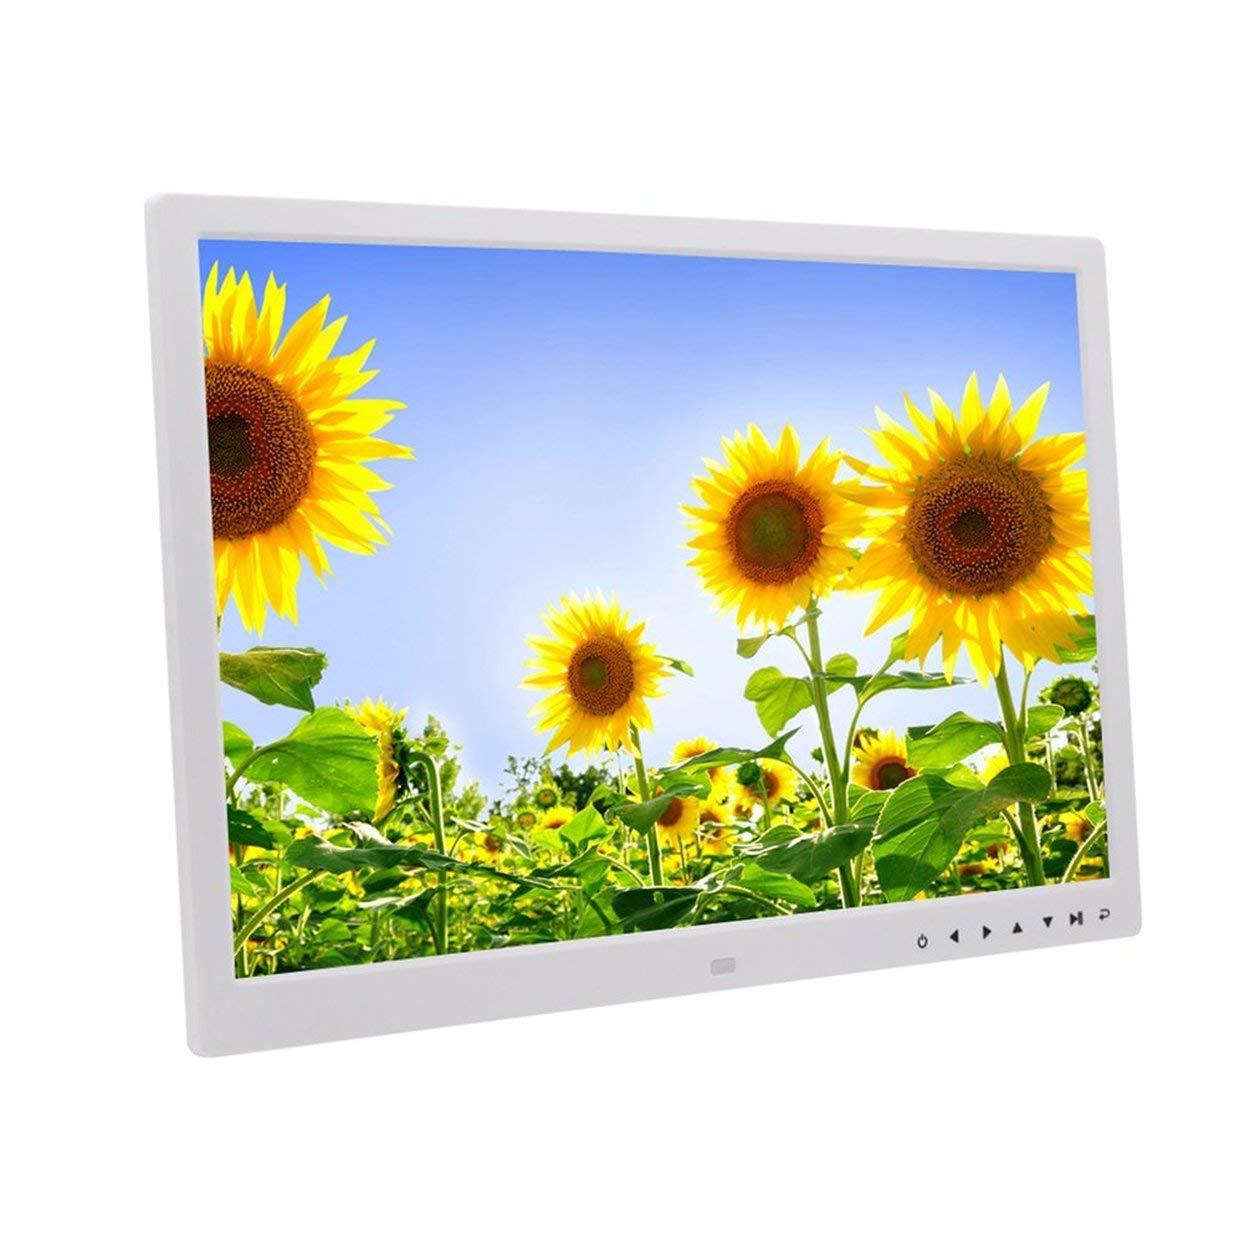 Cornice digitale HD da 17 pollici Pulsanti frontali digitali Schermo LED multi-lingua bianco